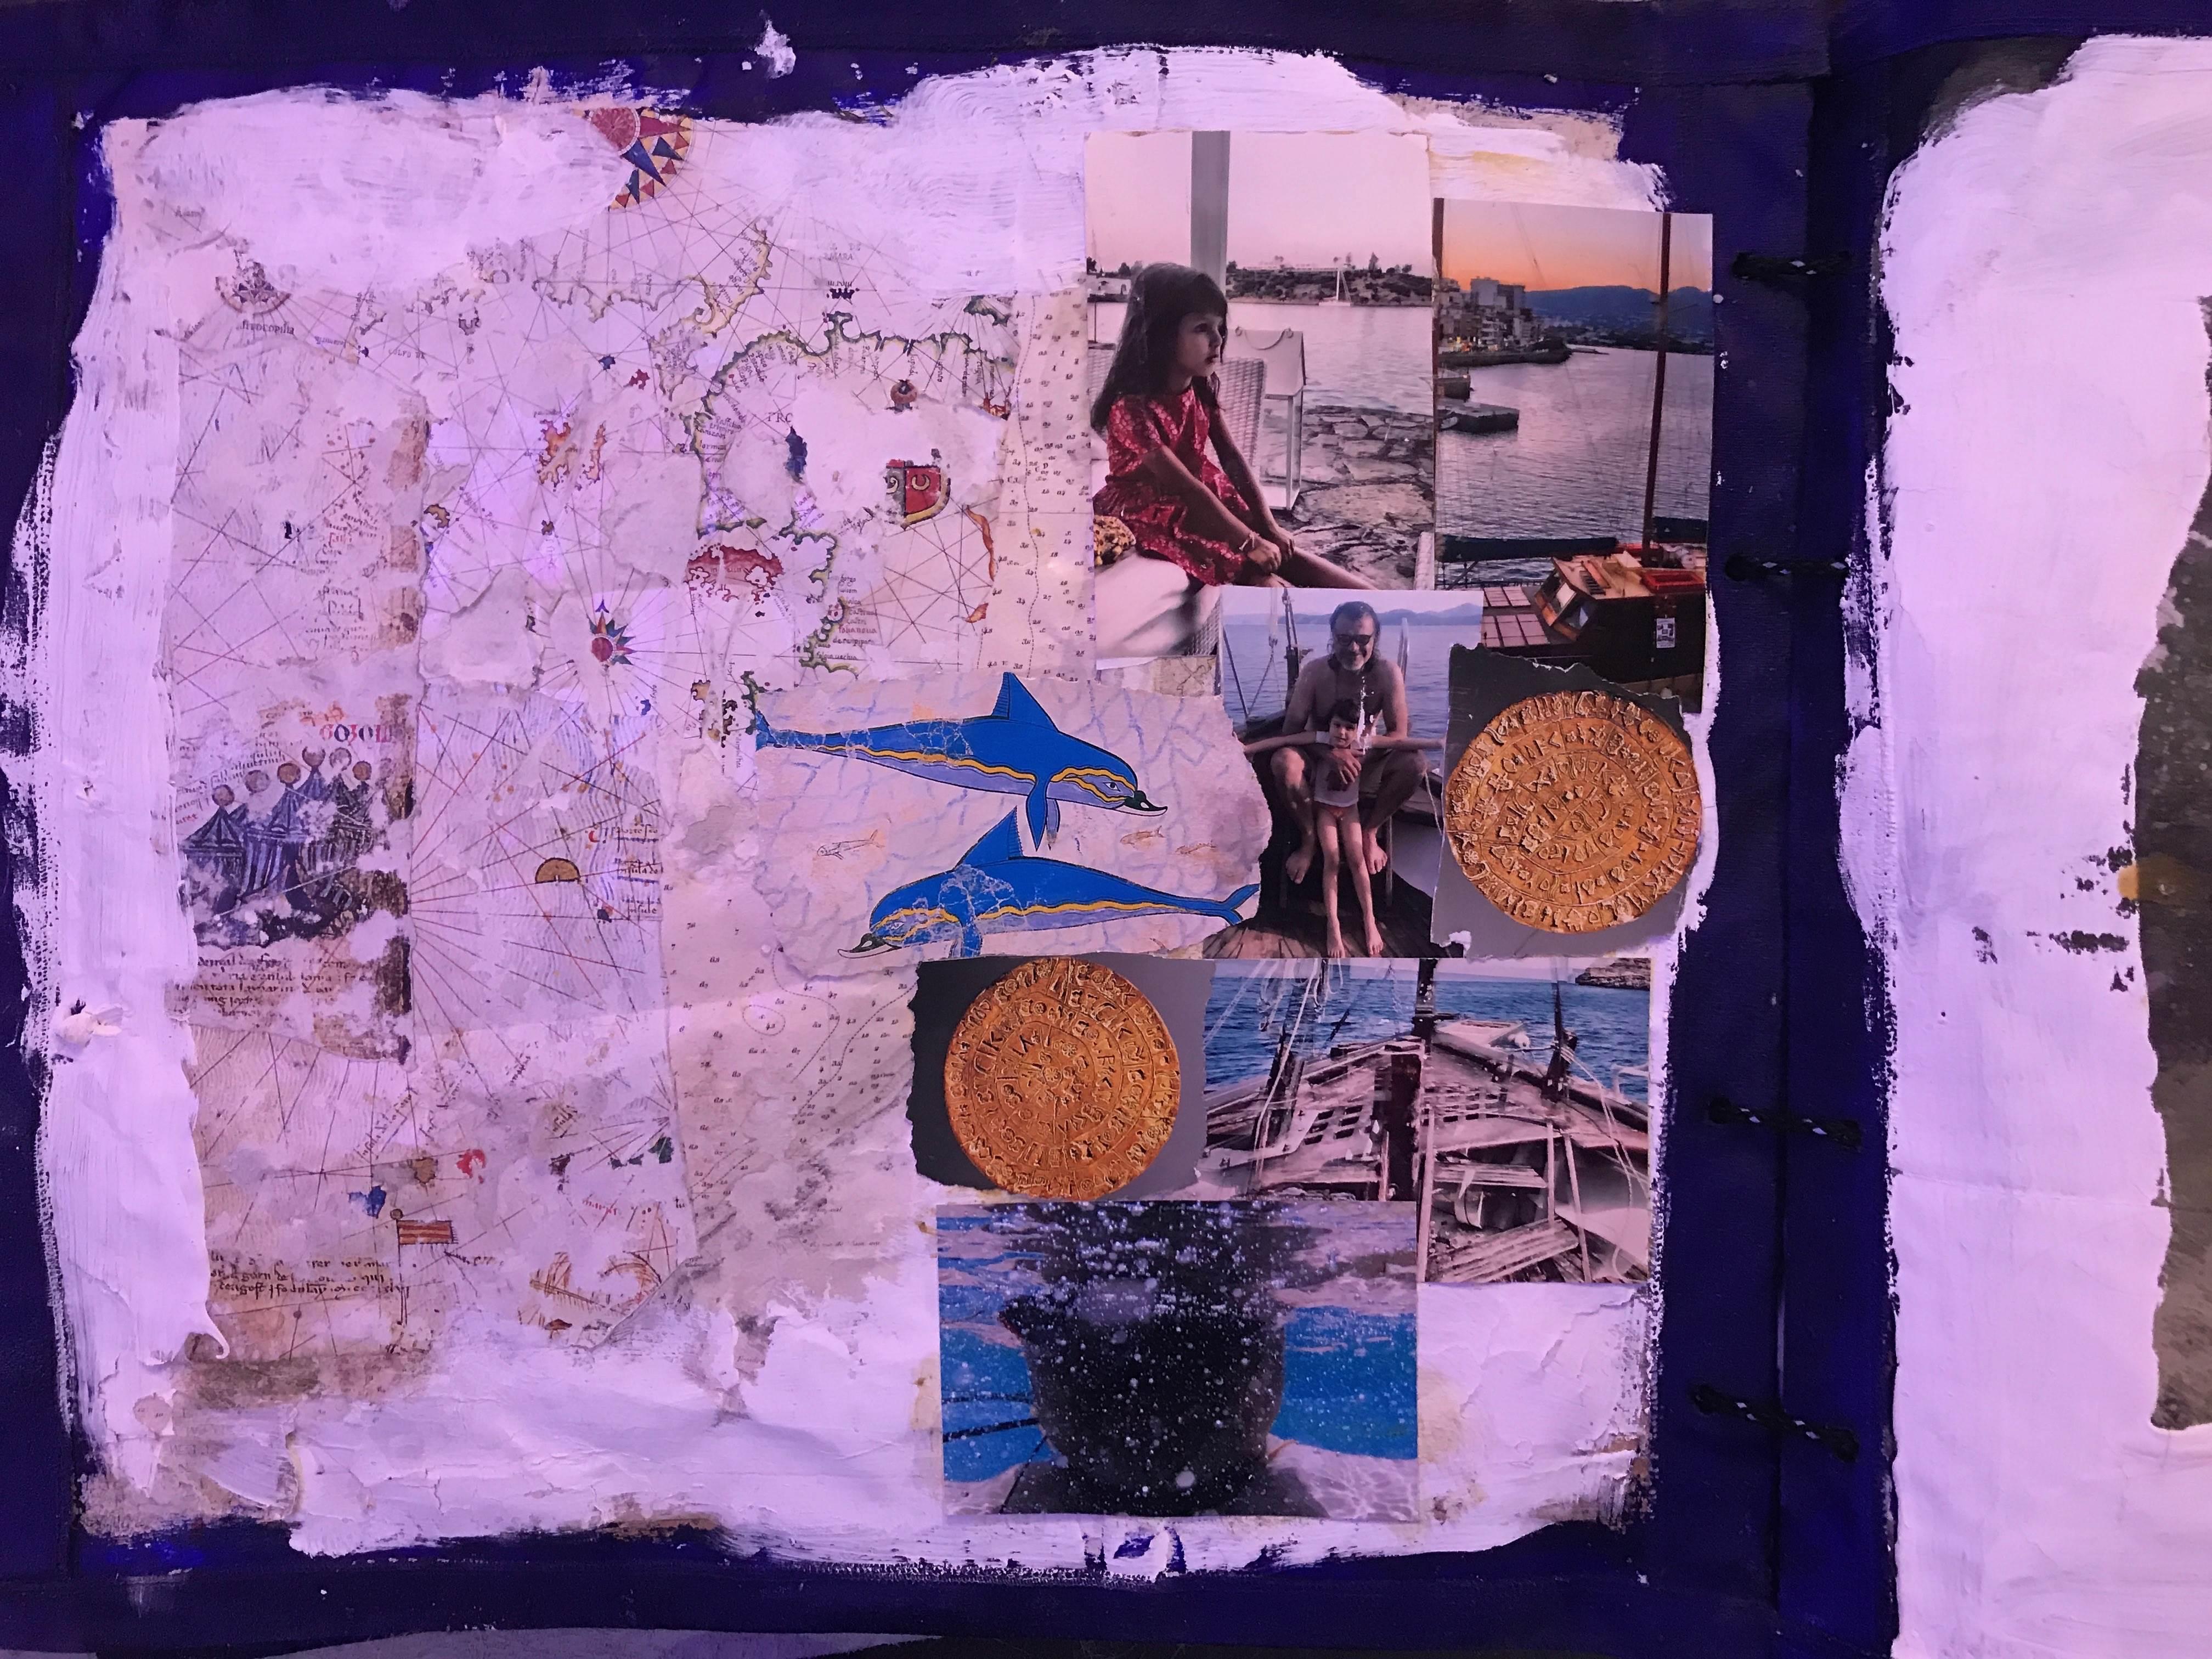 chayan khoi carnet de voyage grece (09).